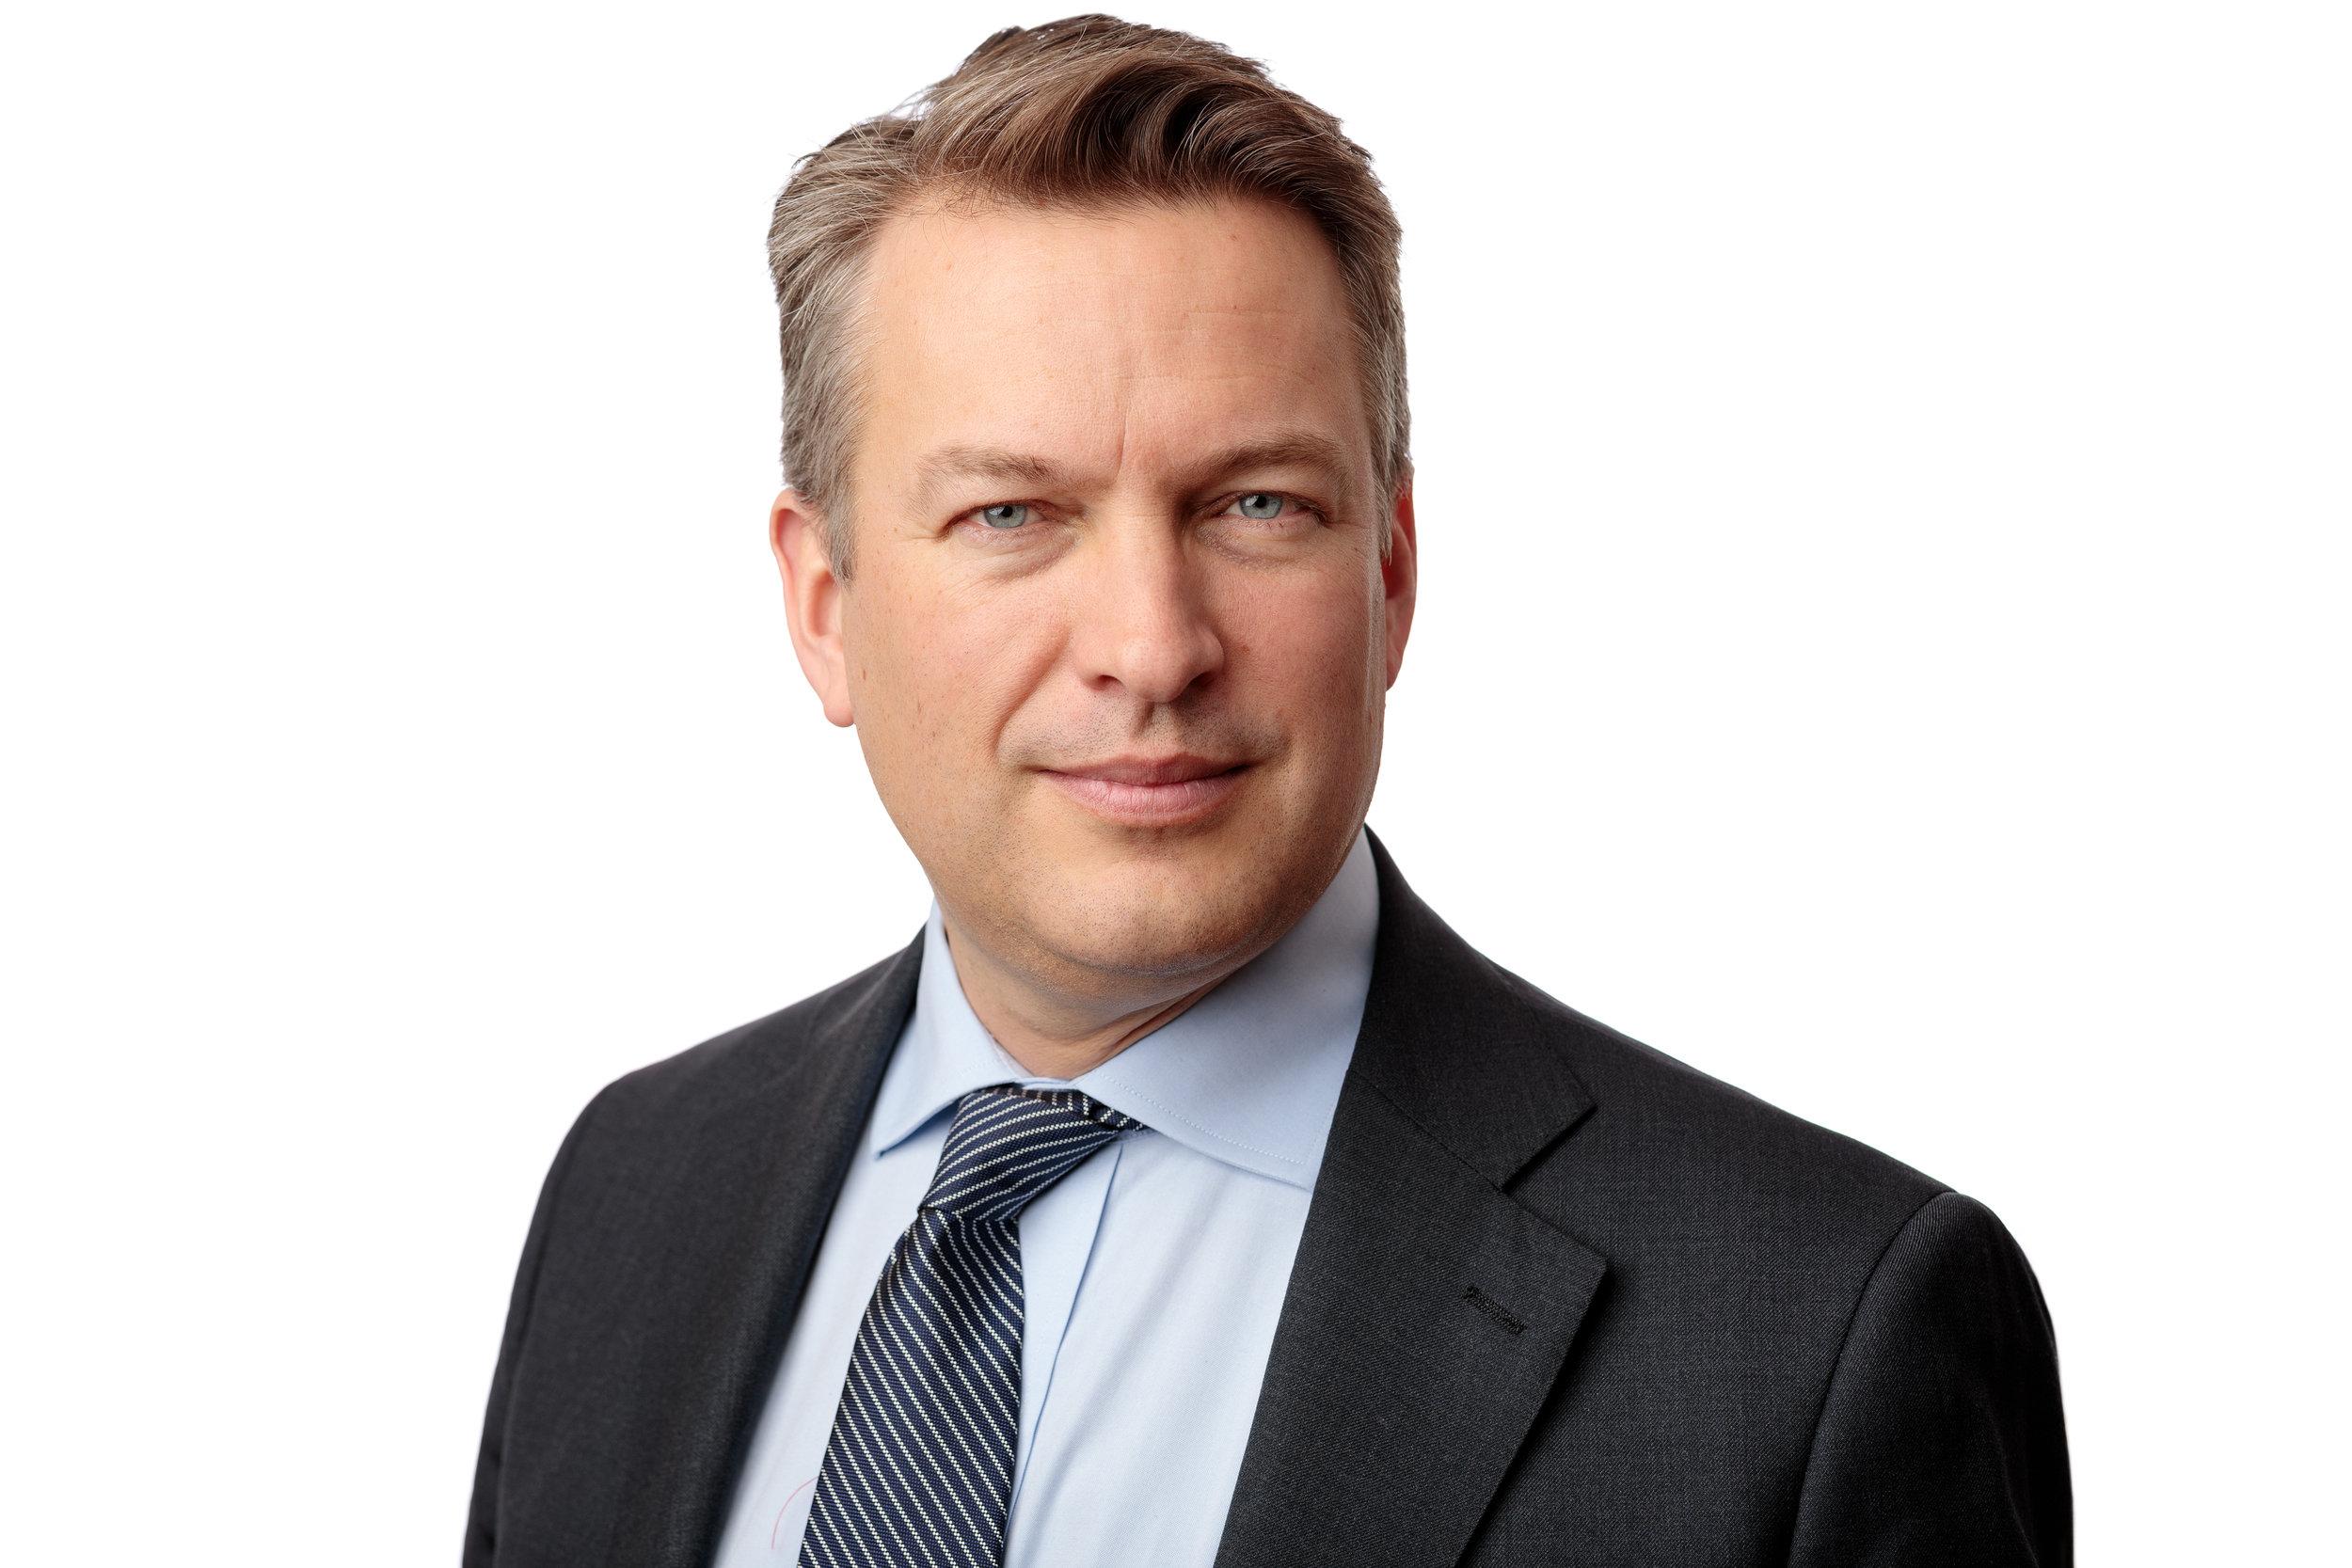 Daniel Källenfors - StyrelseledamotFödd: 1972Nuvarande befattning: Kommunstyrelsens ordförande, Lidingö stad.Tidigare befattningar: Head of TMT - DNB Bank ASA Sweden, CFO - Net1, Senior Vice President – Nordea Bank